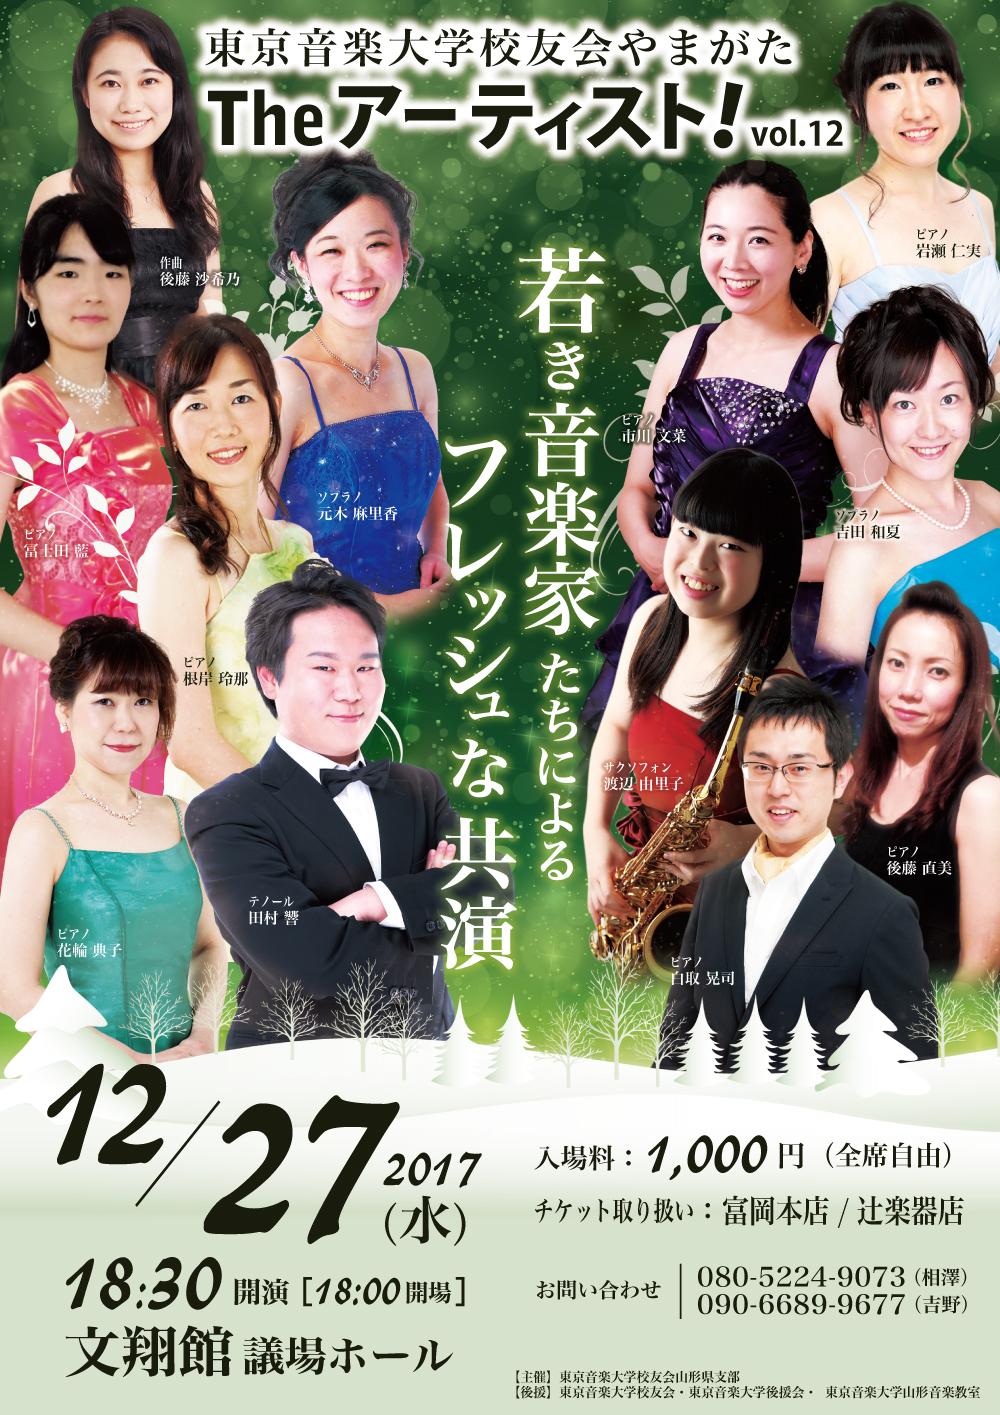 東京音楽大学校友会やまがた Theアーティスト! vol.12